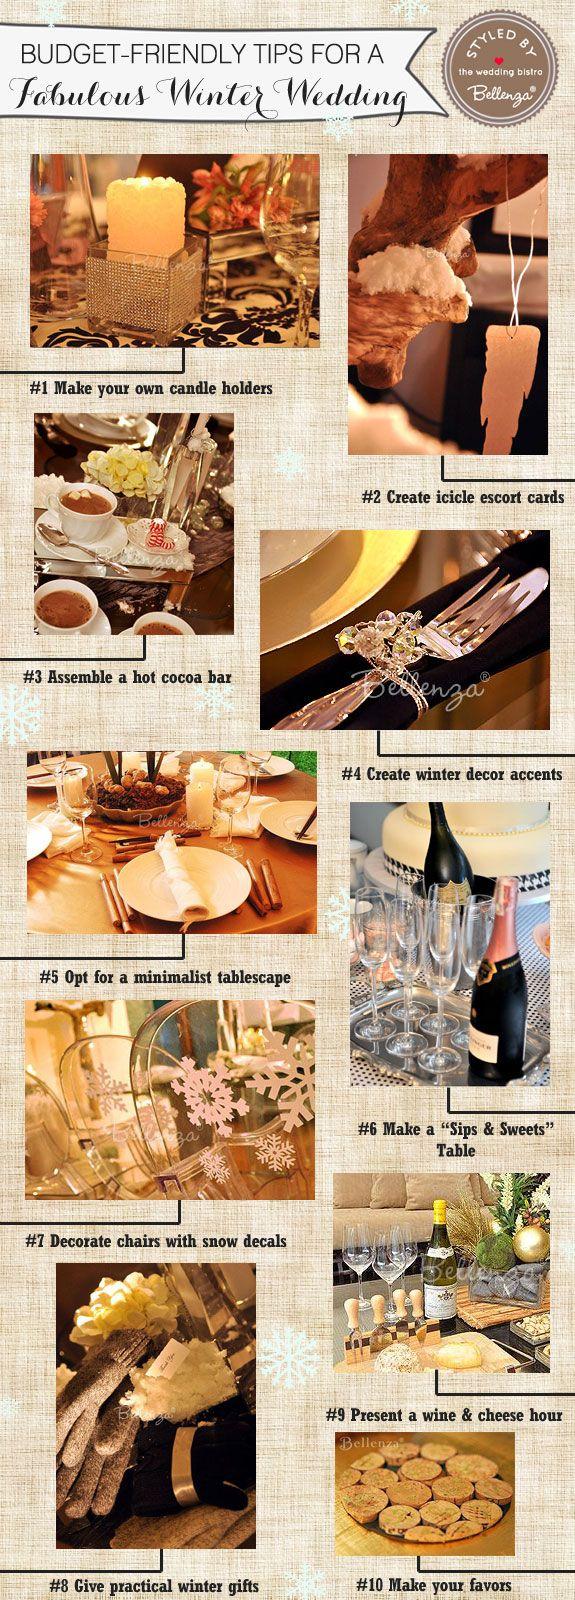 264 best CREATIVE WEDDING IDEAS images on Pinterest Unique